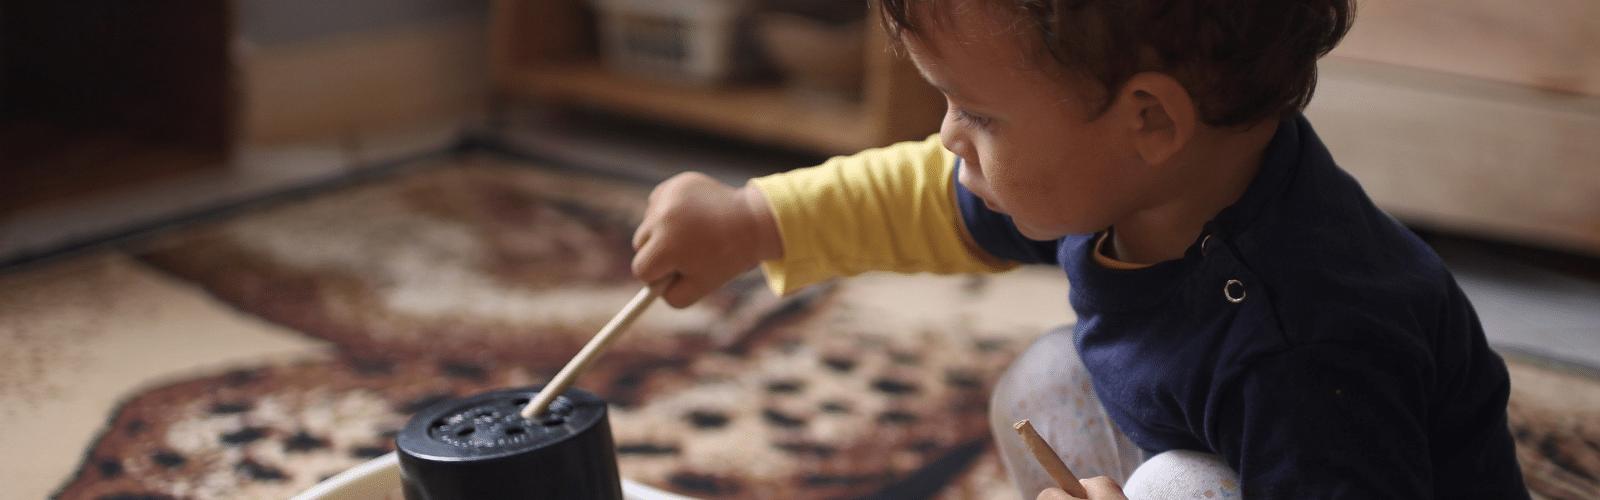 Pourquoi Montessori peut révolutionner votre quotidien ?